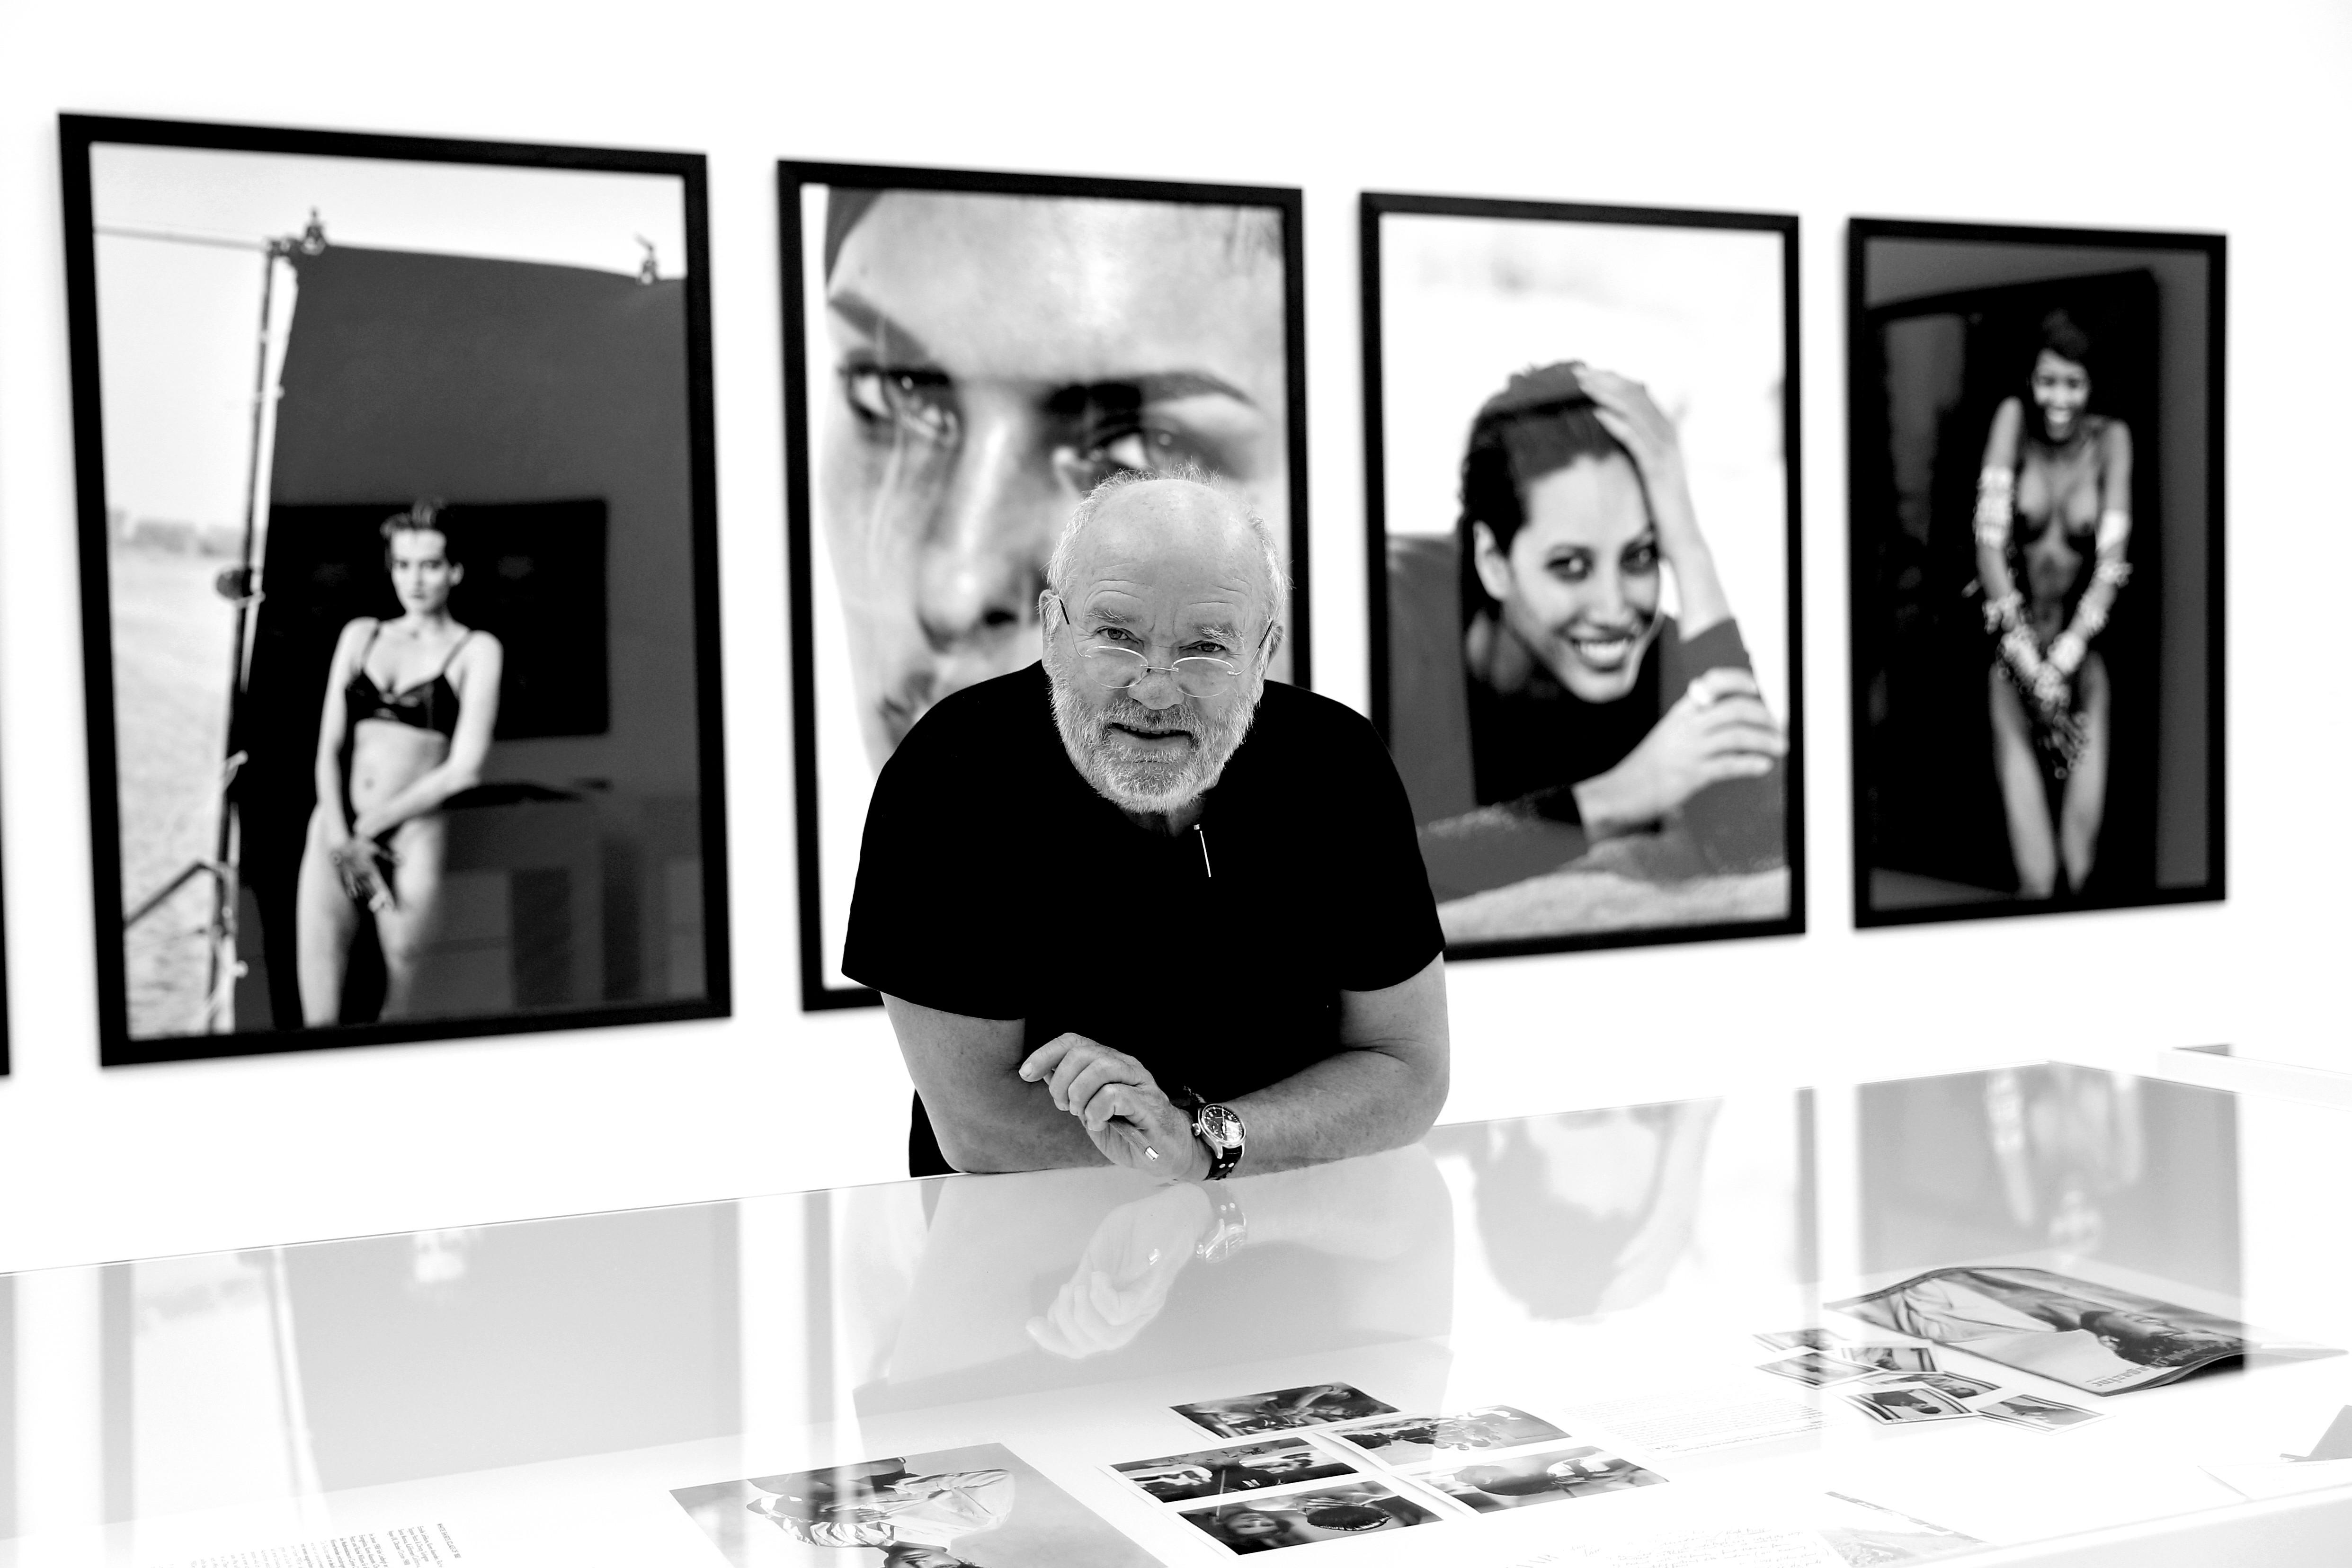 Dior и издателство Taschen представиха фотокнига в два тома, посветена на прочутия немски фотограф Питър Линдберг, който почина в началото на септември на 74-годишна възраст. В първата част на изданието влизат архивни кадри от сесия на Таймс Скуеър в Ню Йорк, снимана от Линдберг за Модната къща миналия октомври. На фотографиите виждаме моделите Алек Уек, Саския де Брау, Карън Елсън, Саша Пивоварова, Амбър Валета, Ирина Шейк и Каролин Мърфи, всички позиращи в дрехи от архивите на Dior. Във втория том на книгата са публикувани работи на Линдберг за най-големите модни издания - Vogue, Vanity Fair и Harper's Bazaar.